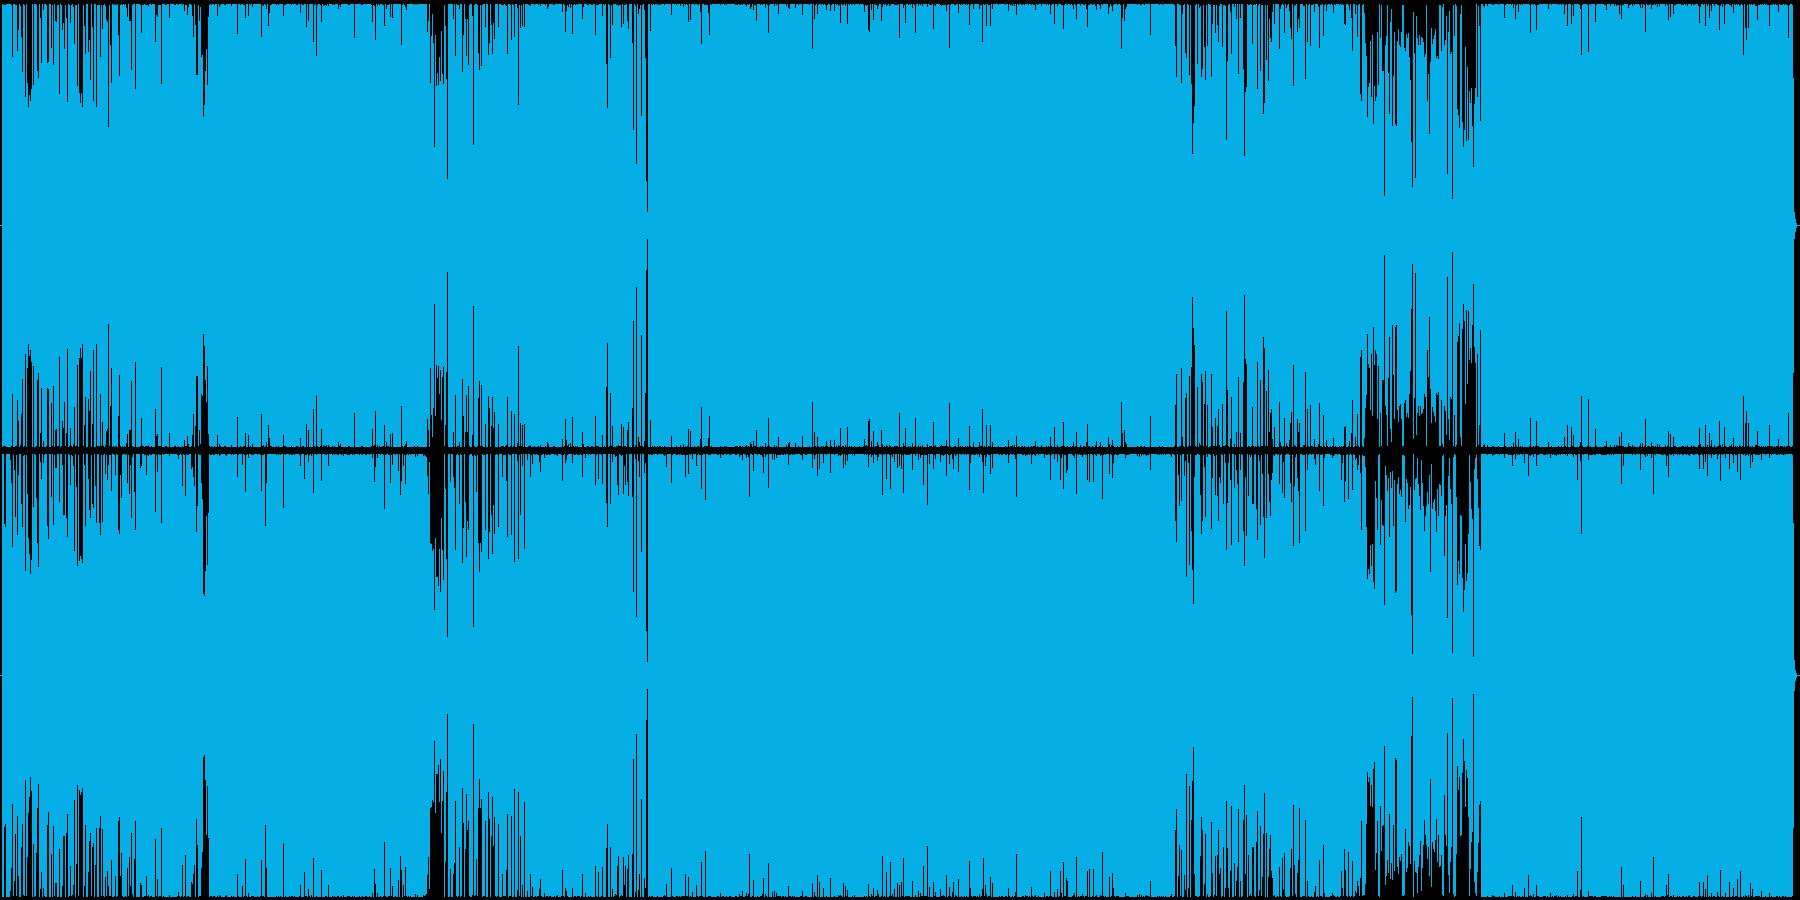 変拍子のオシャレギターロックの再生済みの波形